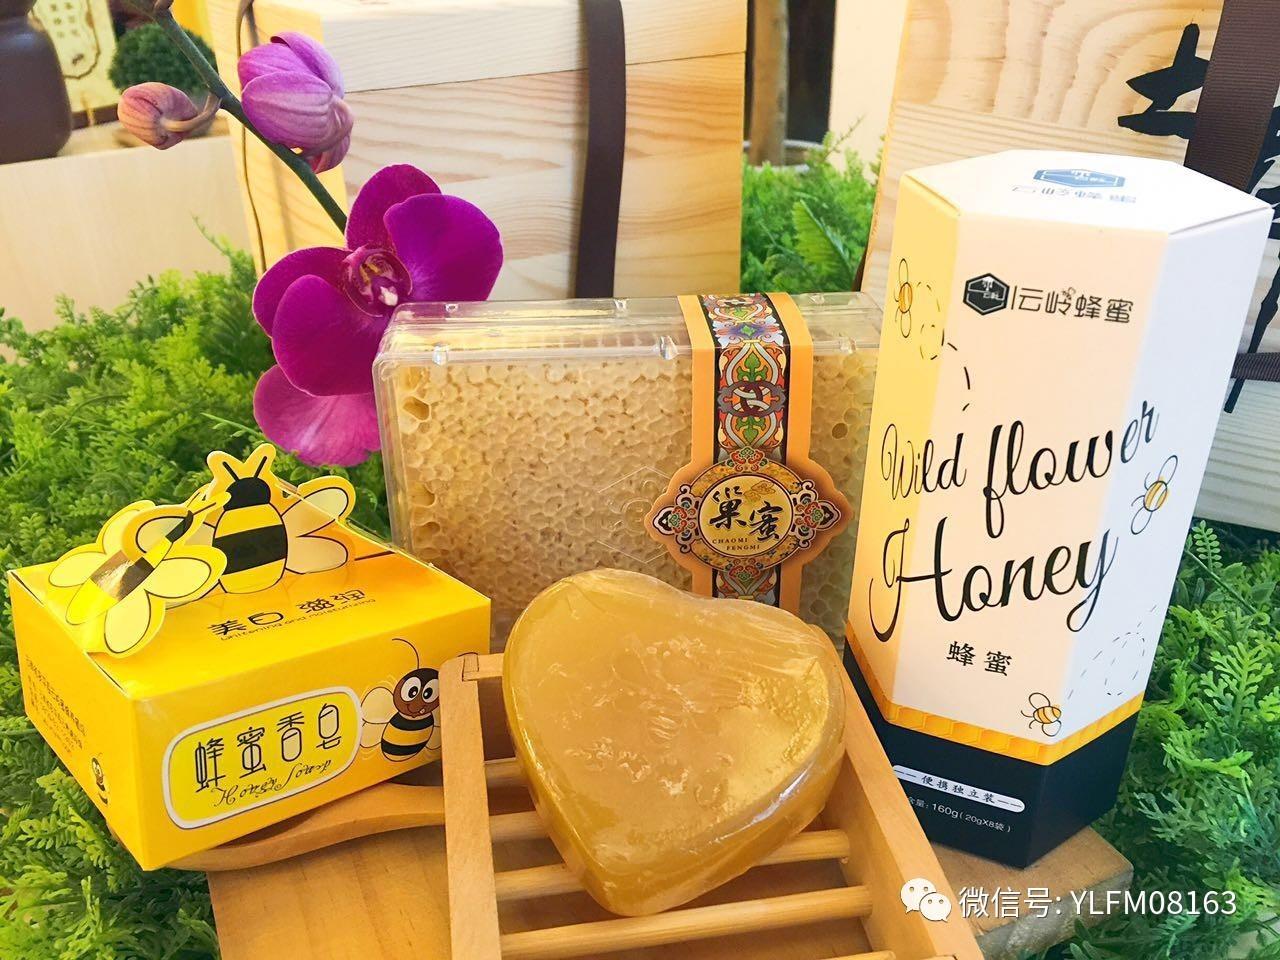 技术 蜂蜜塑料瓶批发 蜂蜜睡眠面膜 酶 蜂蜜作用功效